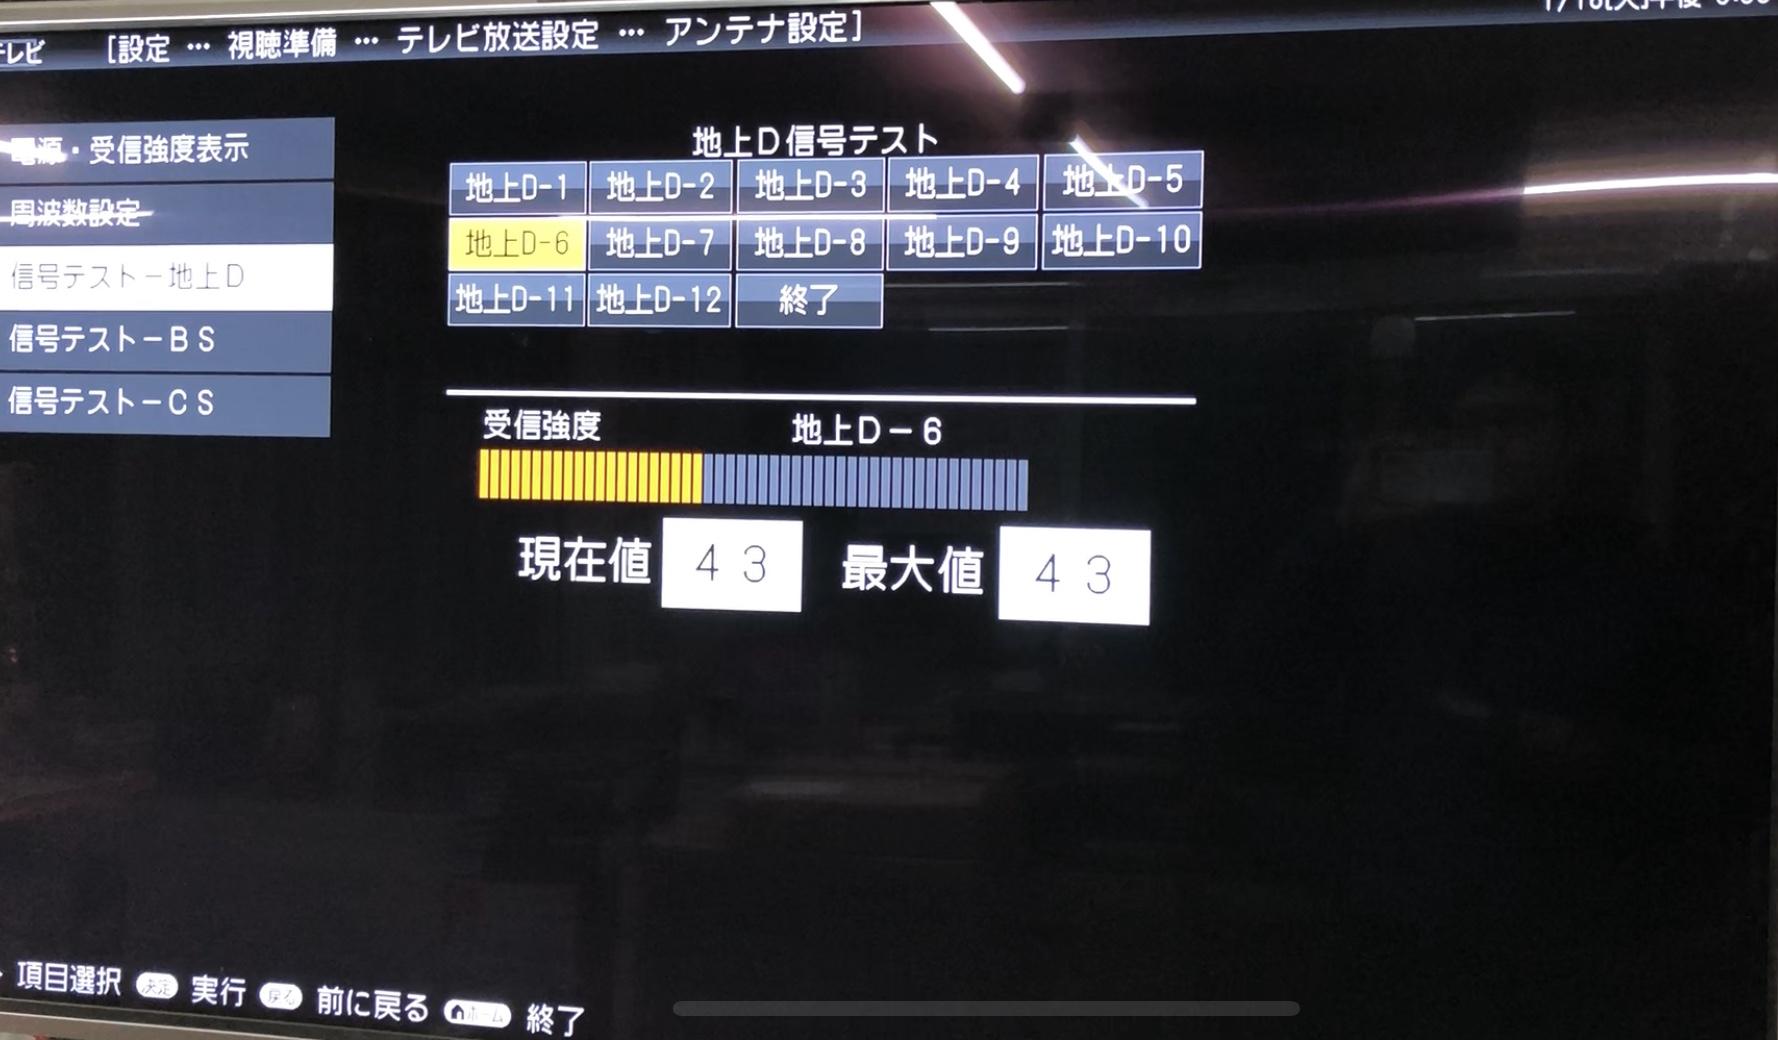 6チャンネル MRO放送局